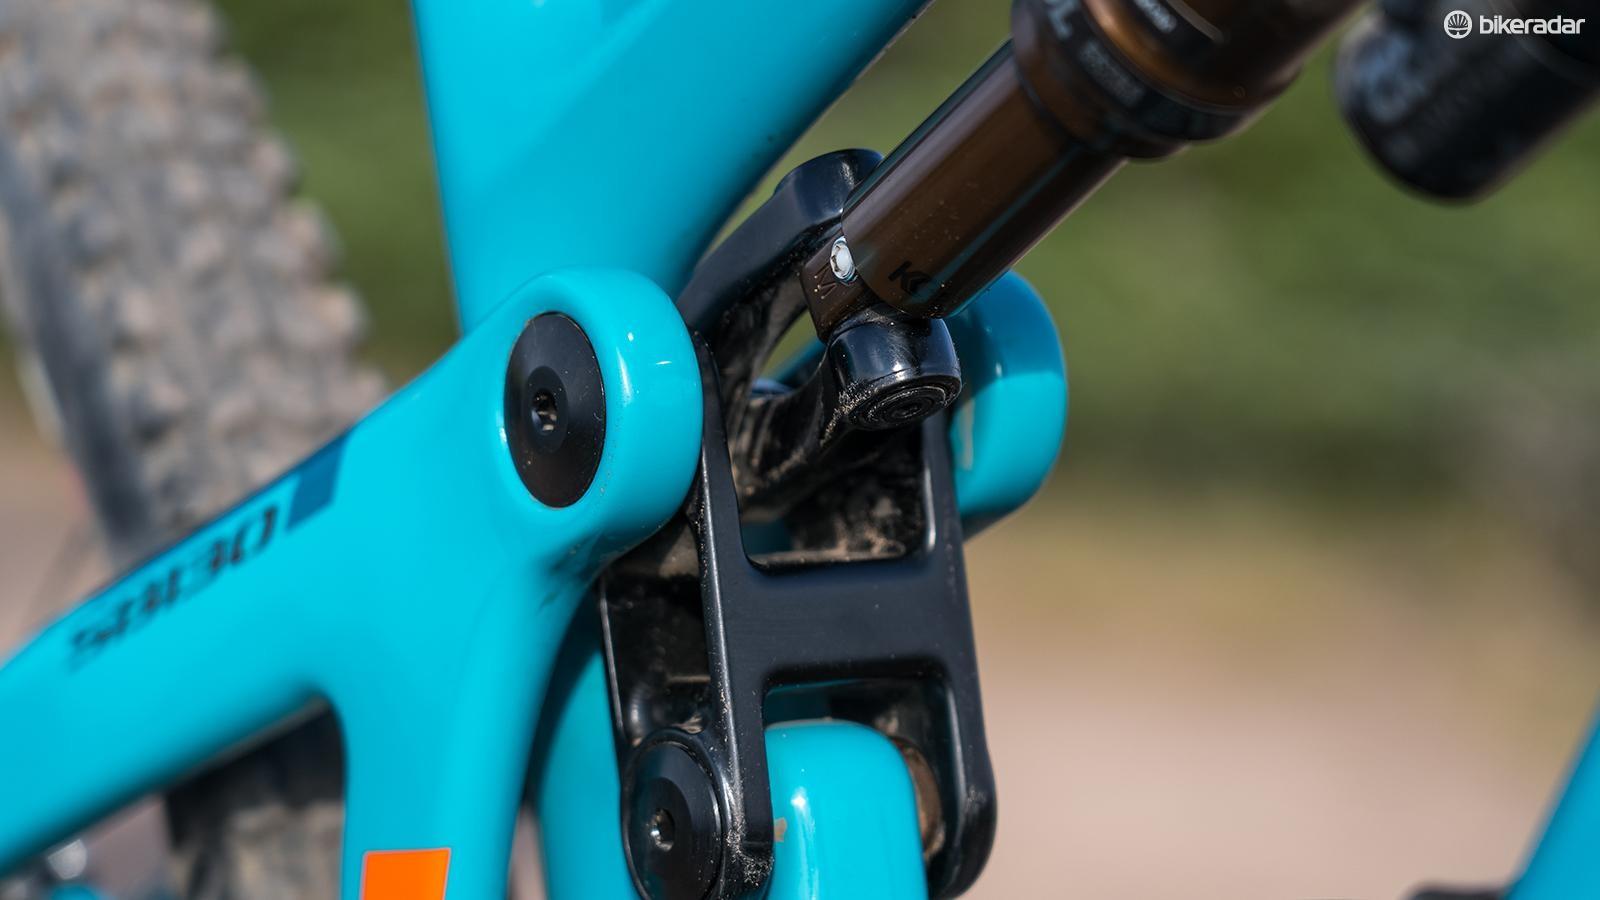 This 130mm trail bike is slacker than many longer travel machines